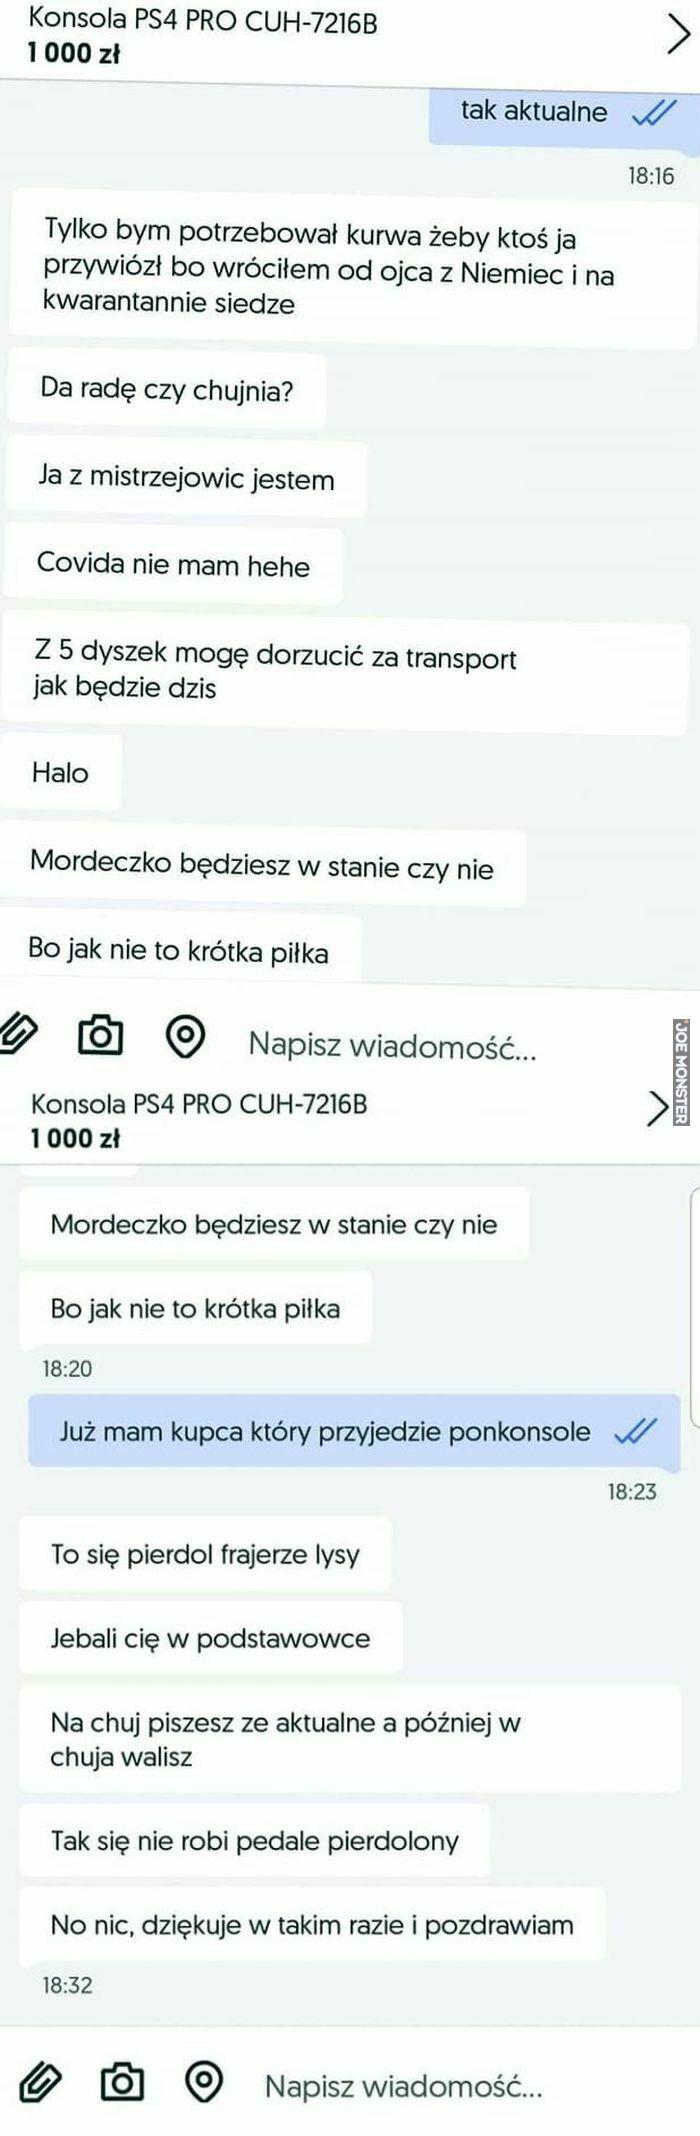 main_01tak_si_po_prostu_nie_robi_ny_grup